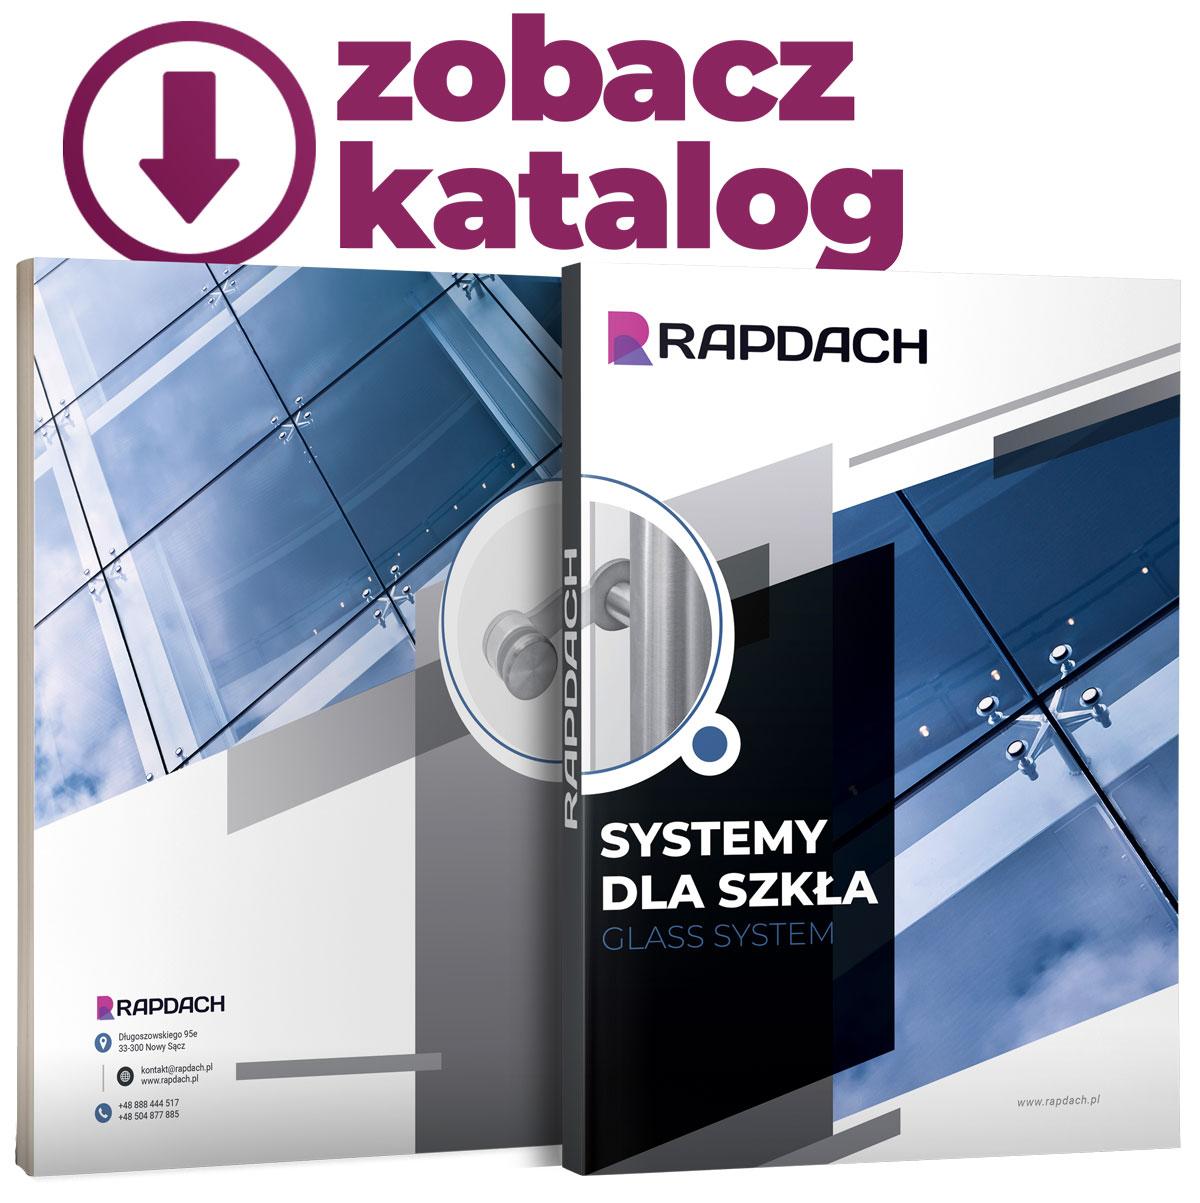 szklane-balustrady-drzwi-okna-katalog2